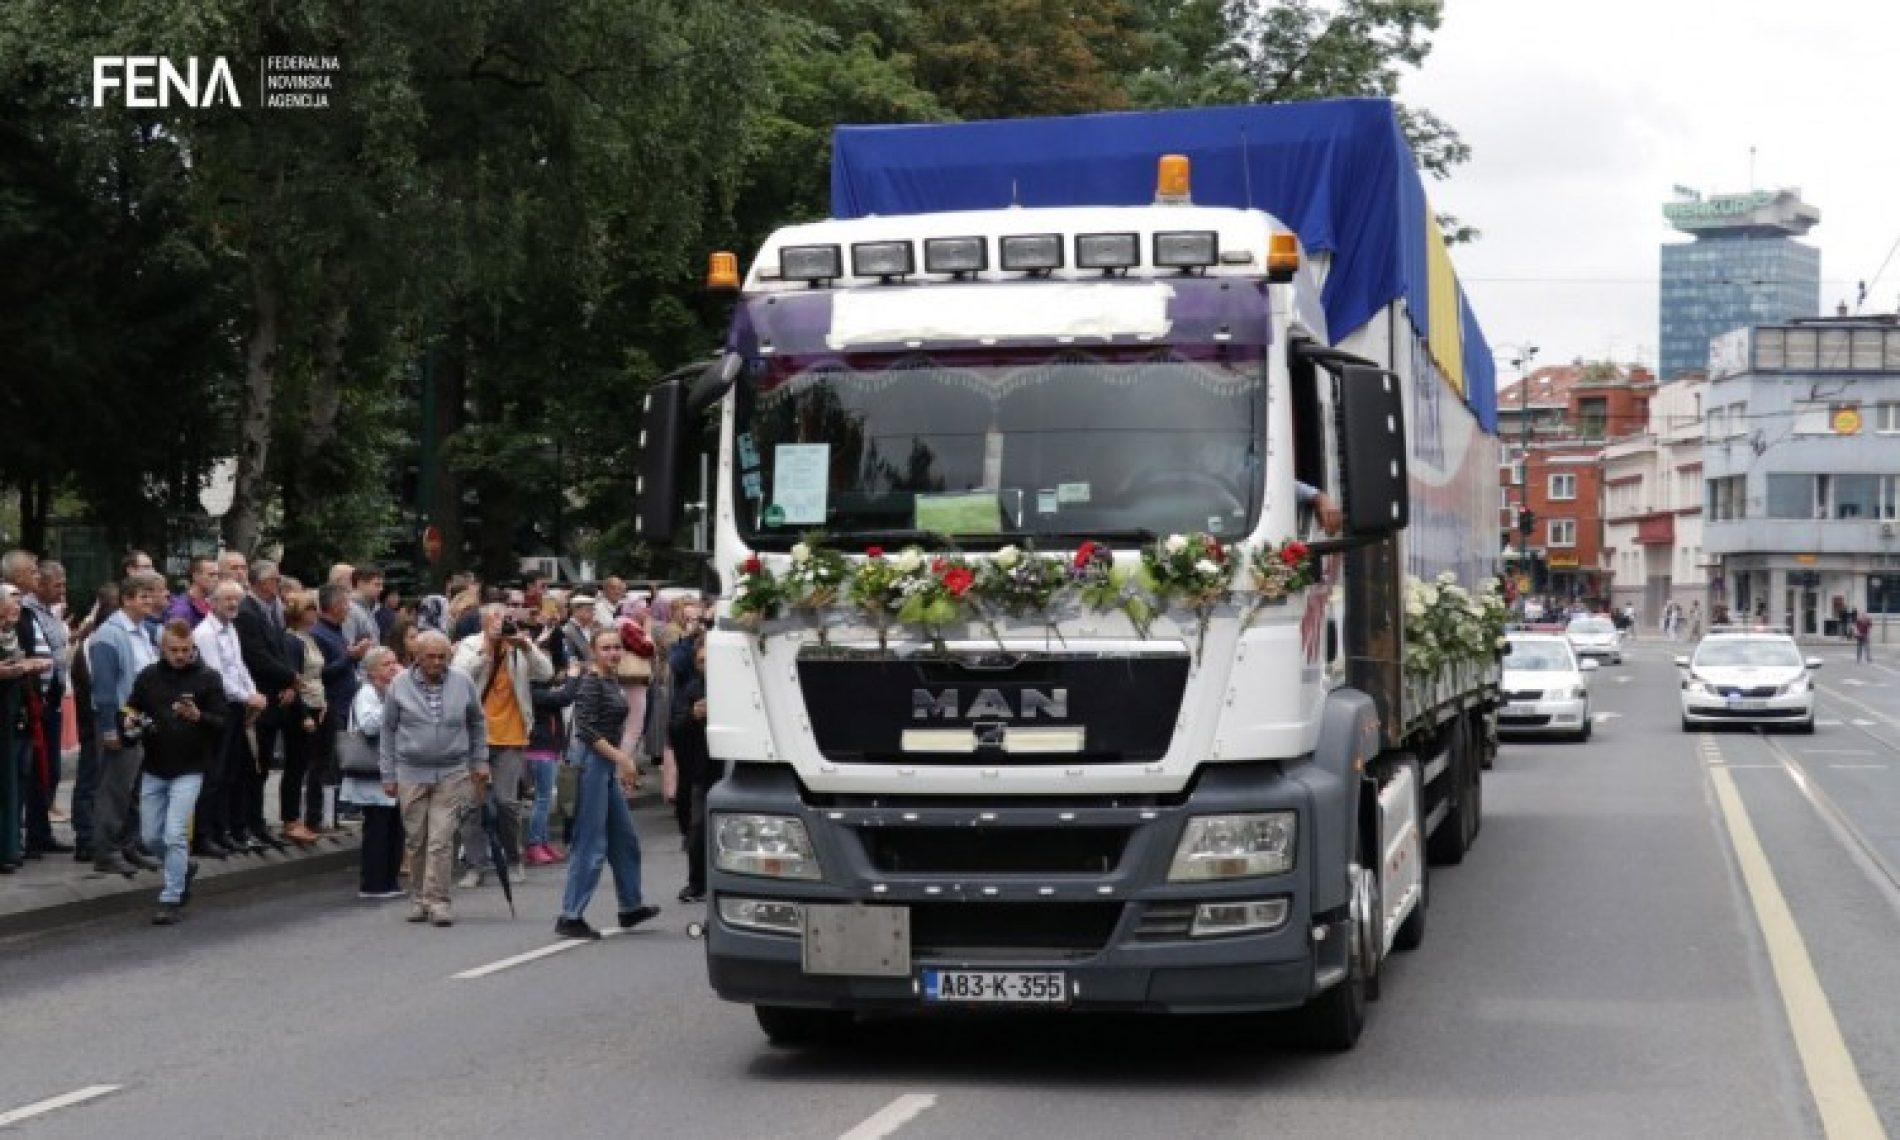 Sarajlije se uz suze i ruže oprostili od 35 ubijenih Srebreničana (VIDEO)